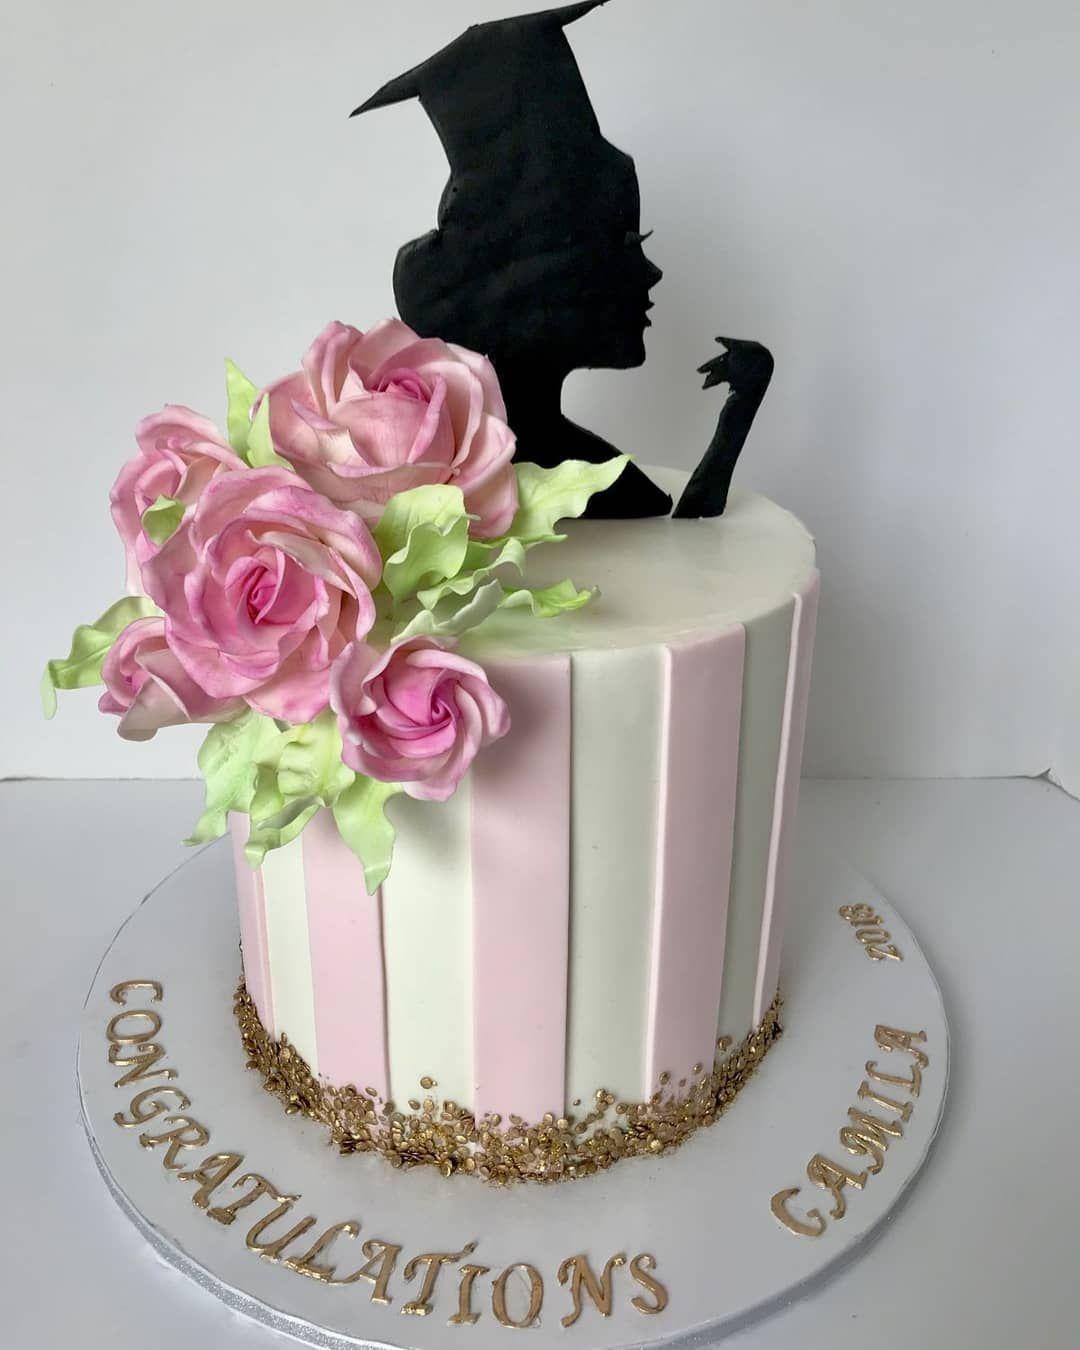 تخرج2018 كيك زواج اعراس عرس كيك عيدميلاد سبايدرمان سوبرمان فرون يونك كيك بيبي كيك تخرج كيك ترقية نوتلا Graduation Party Cake Graduation Cakes School Cake